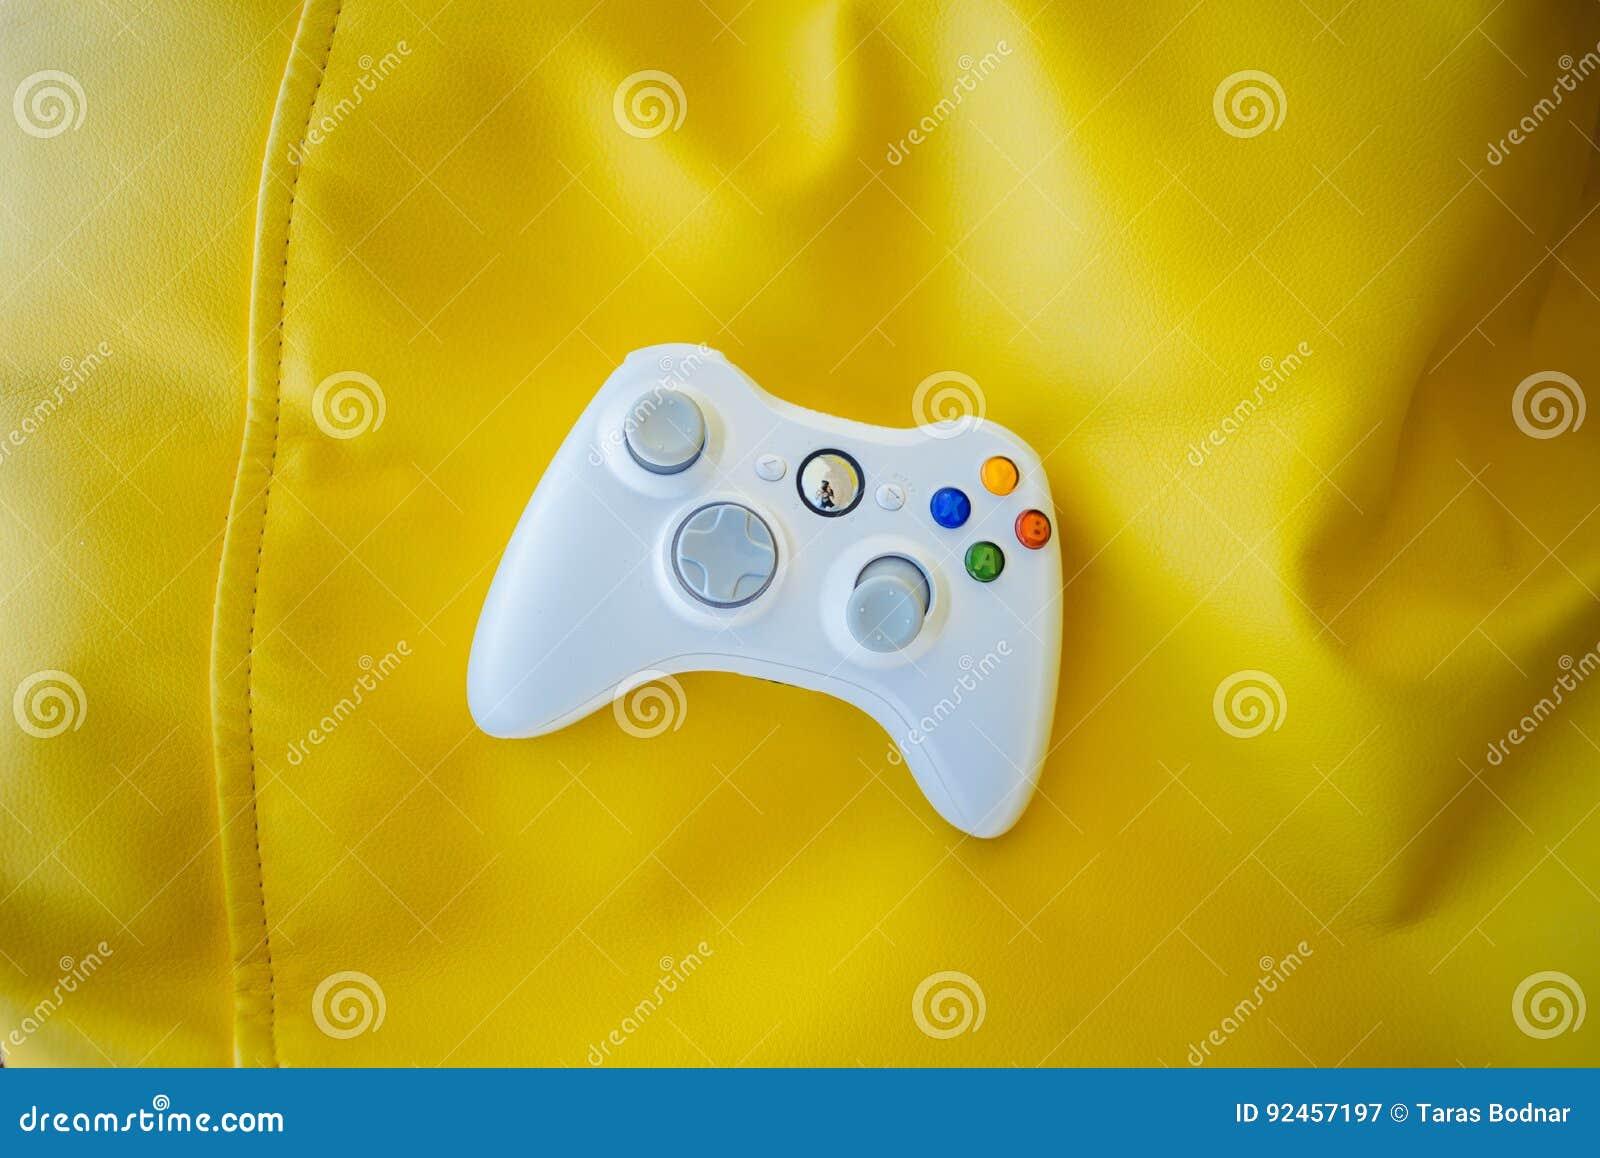 Palanca de mando blanca para la videoconsola en un fondo amarillo brillante Gamepad en un fondo de las sillas amarillas del bolso